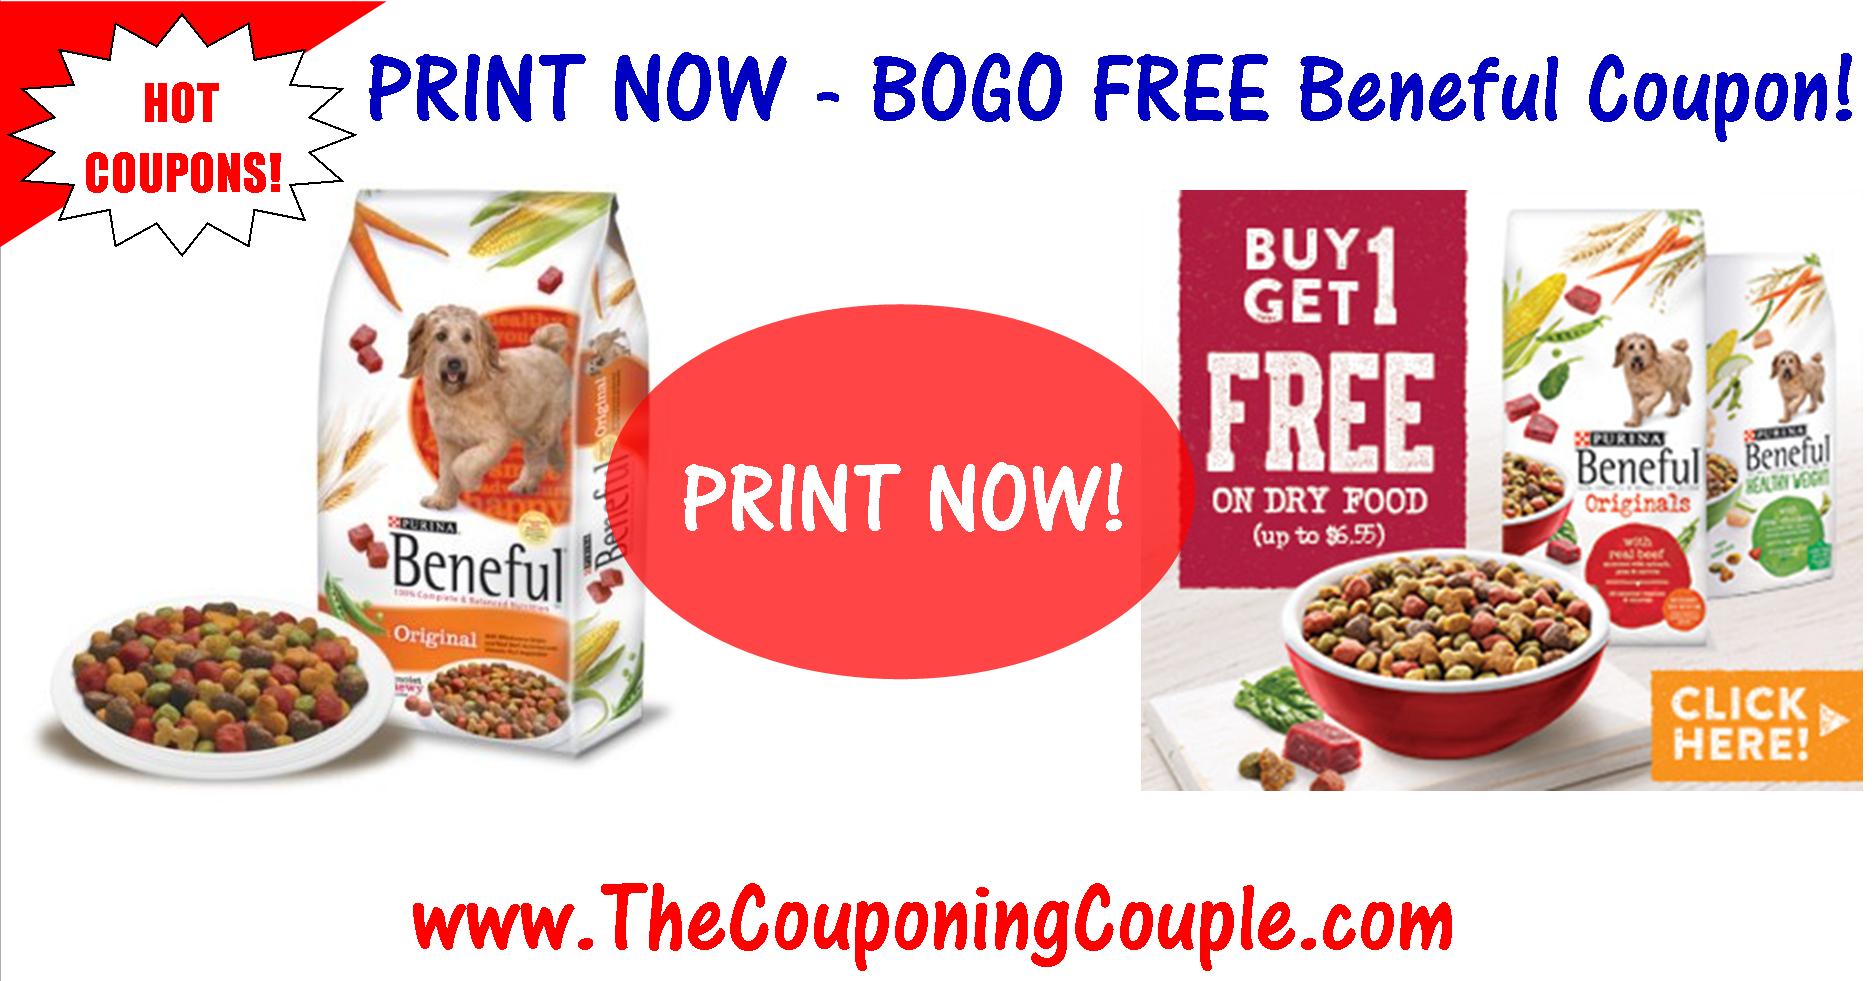 Reset*** Bogo Free Beneful Dog Food Printable Coupon ~ Print Now! - Free Printable Dog Food Coupons